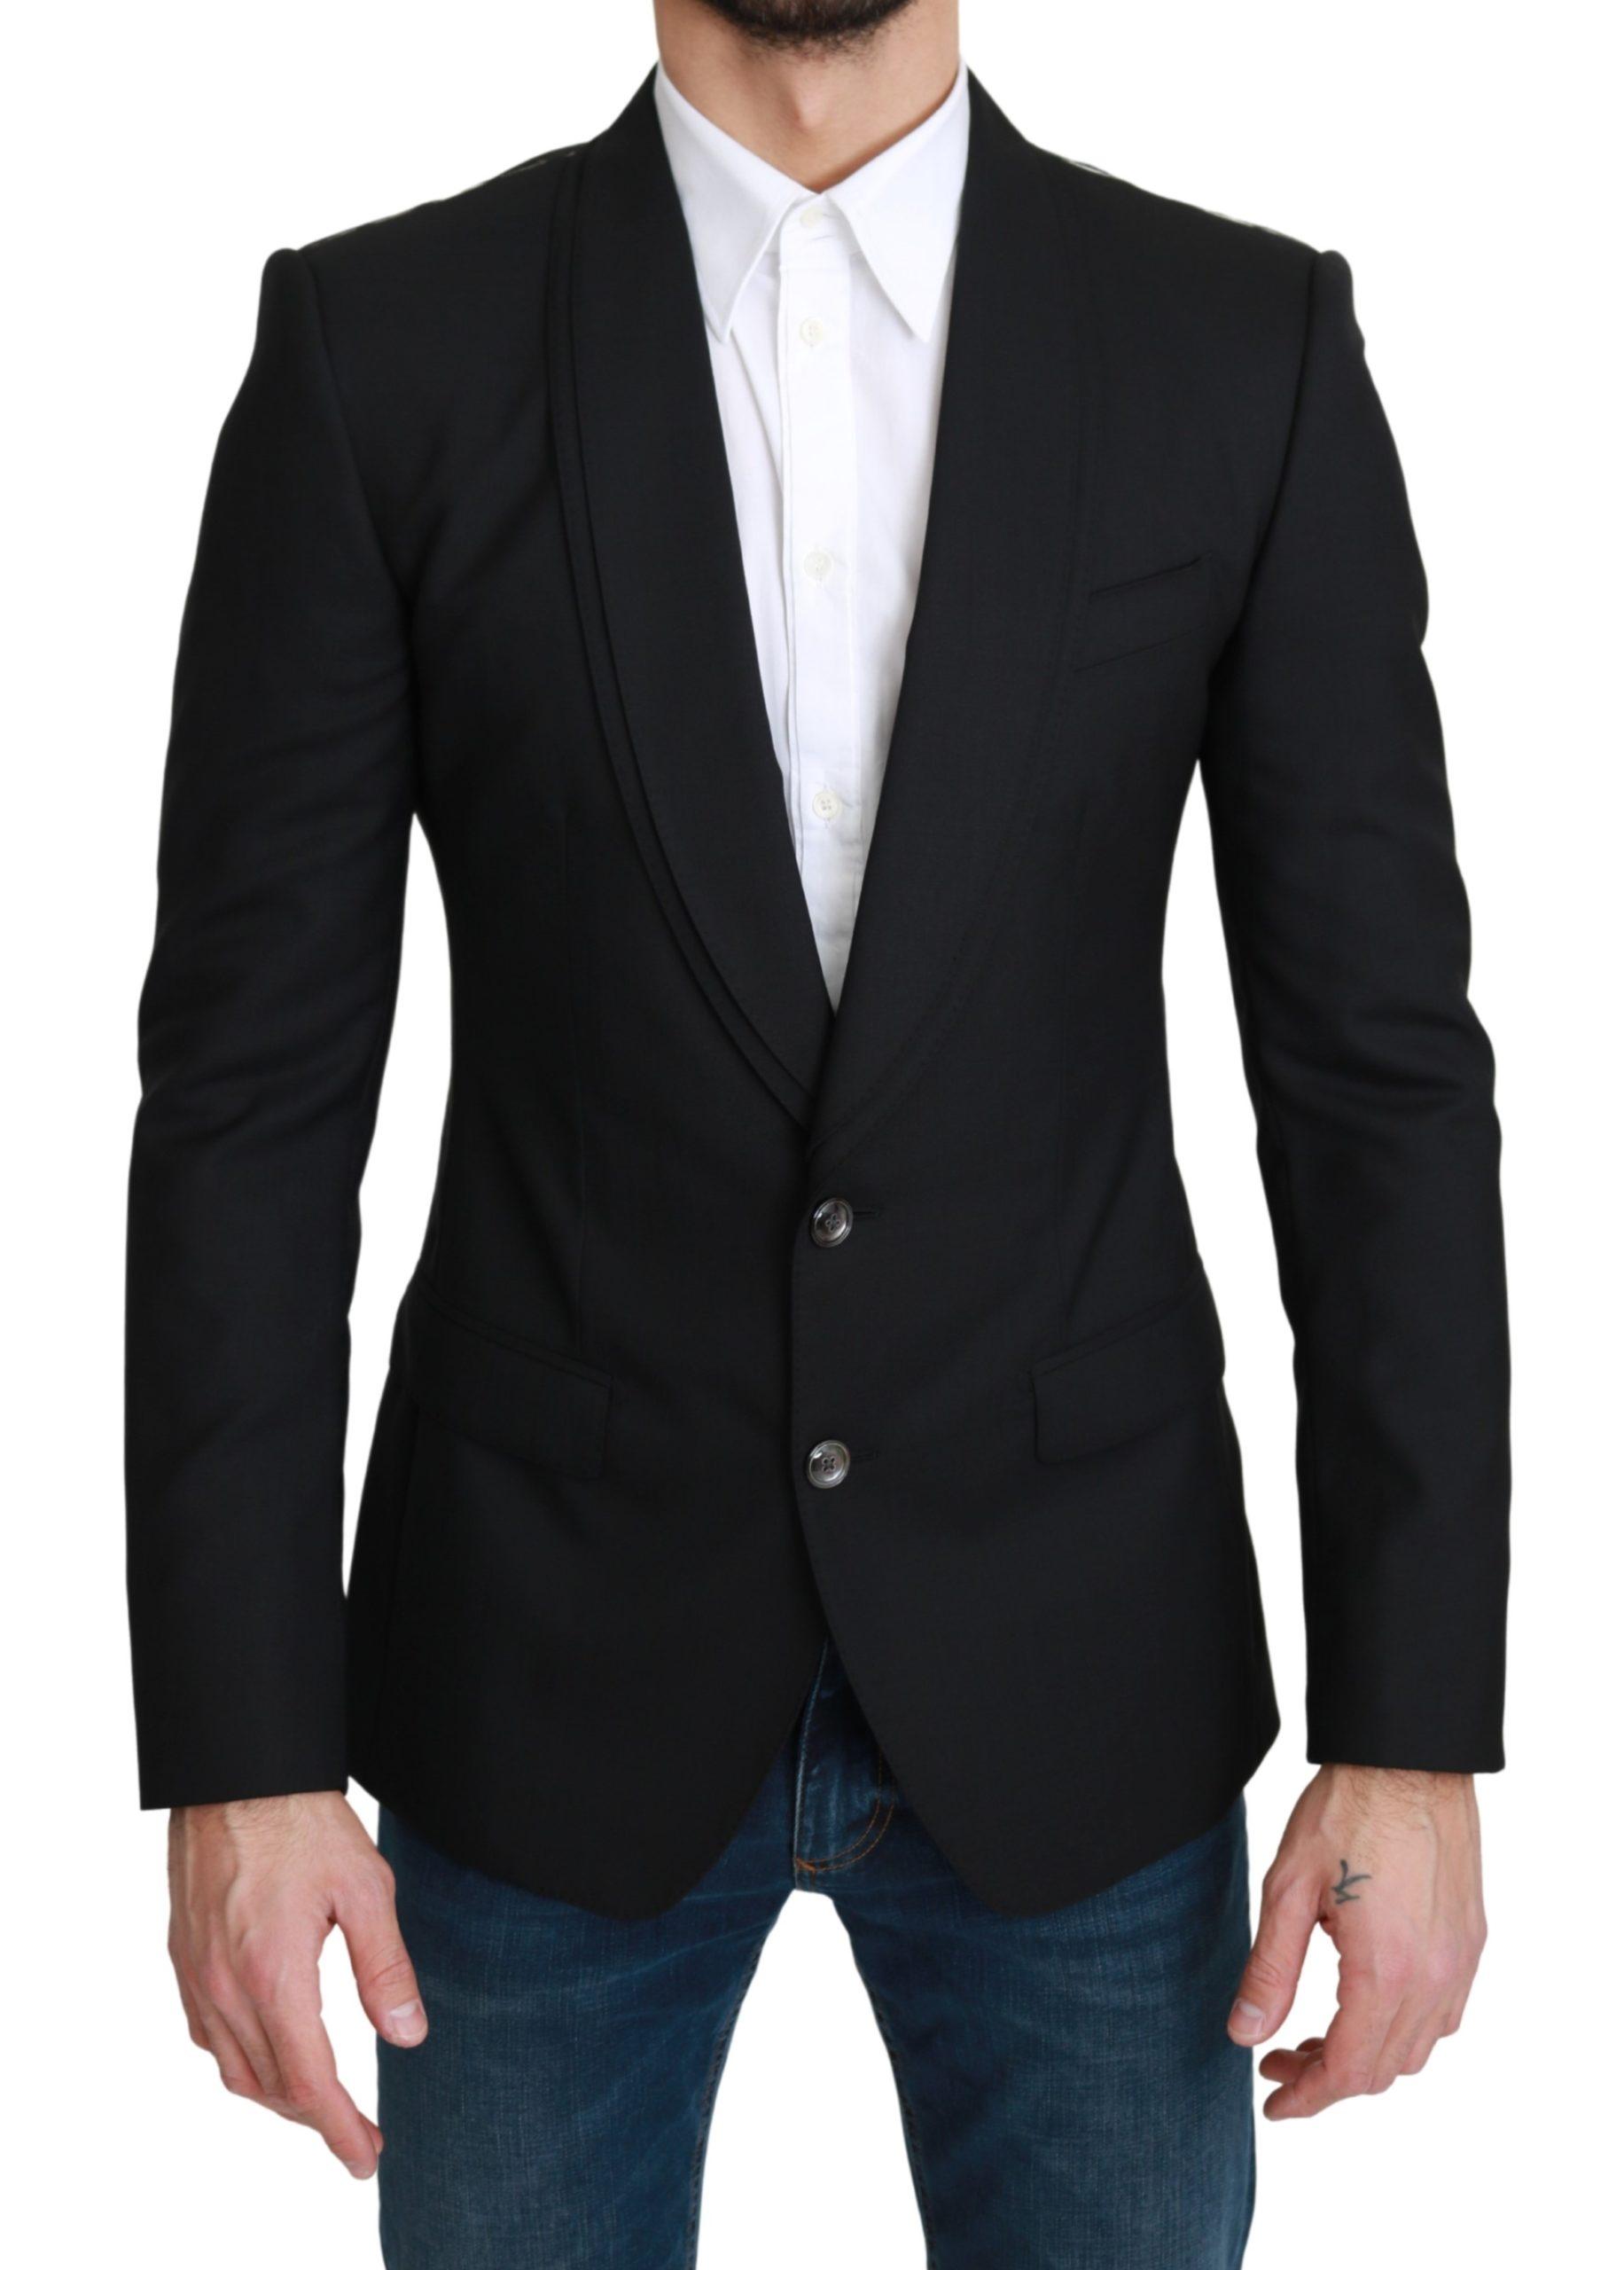 Dolce & Gabbana Men's Single Breasted Formal Wool Blazer Black KOS1755 - IT46 | S